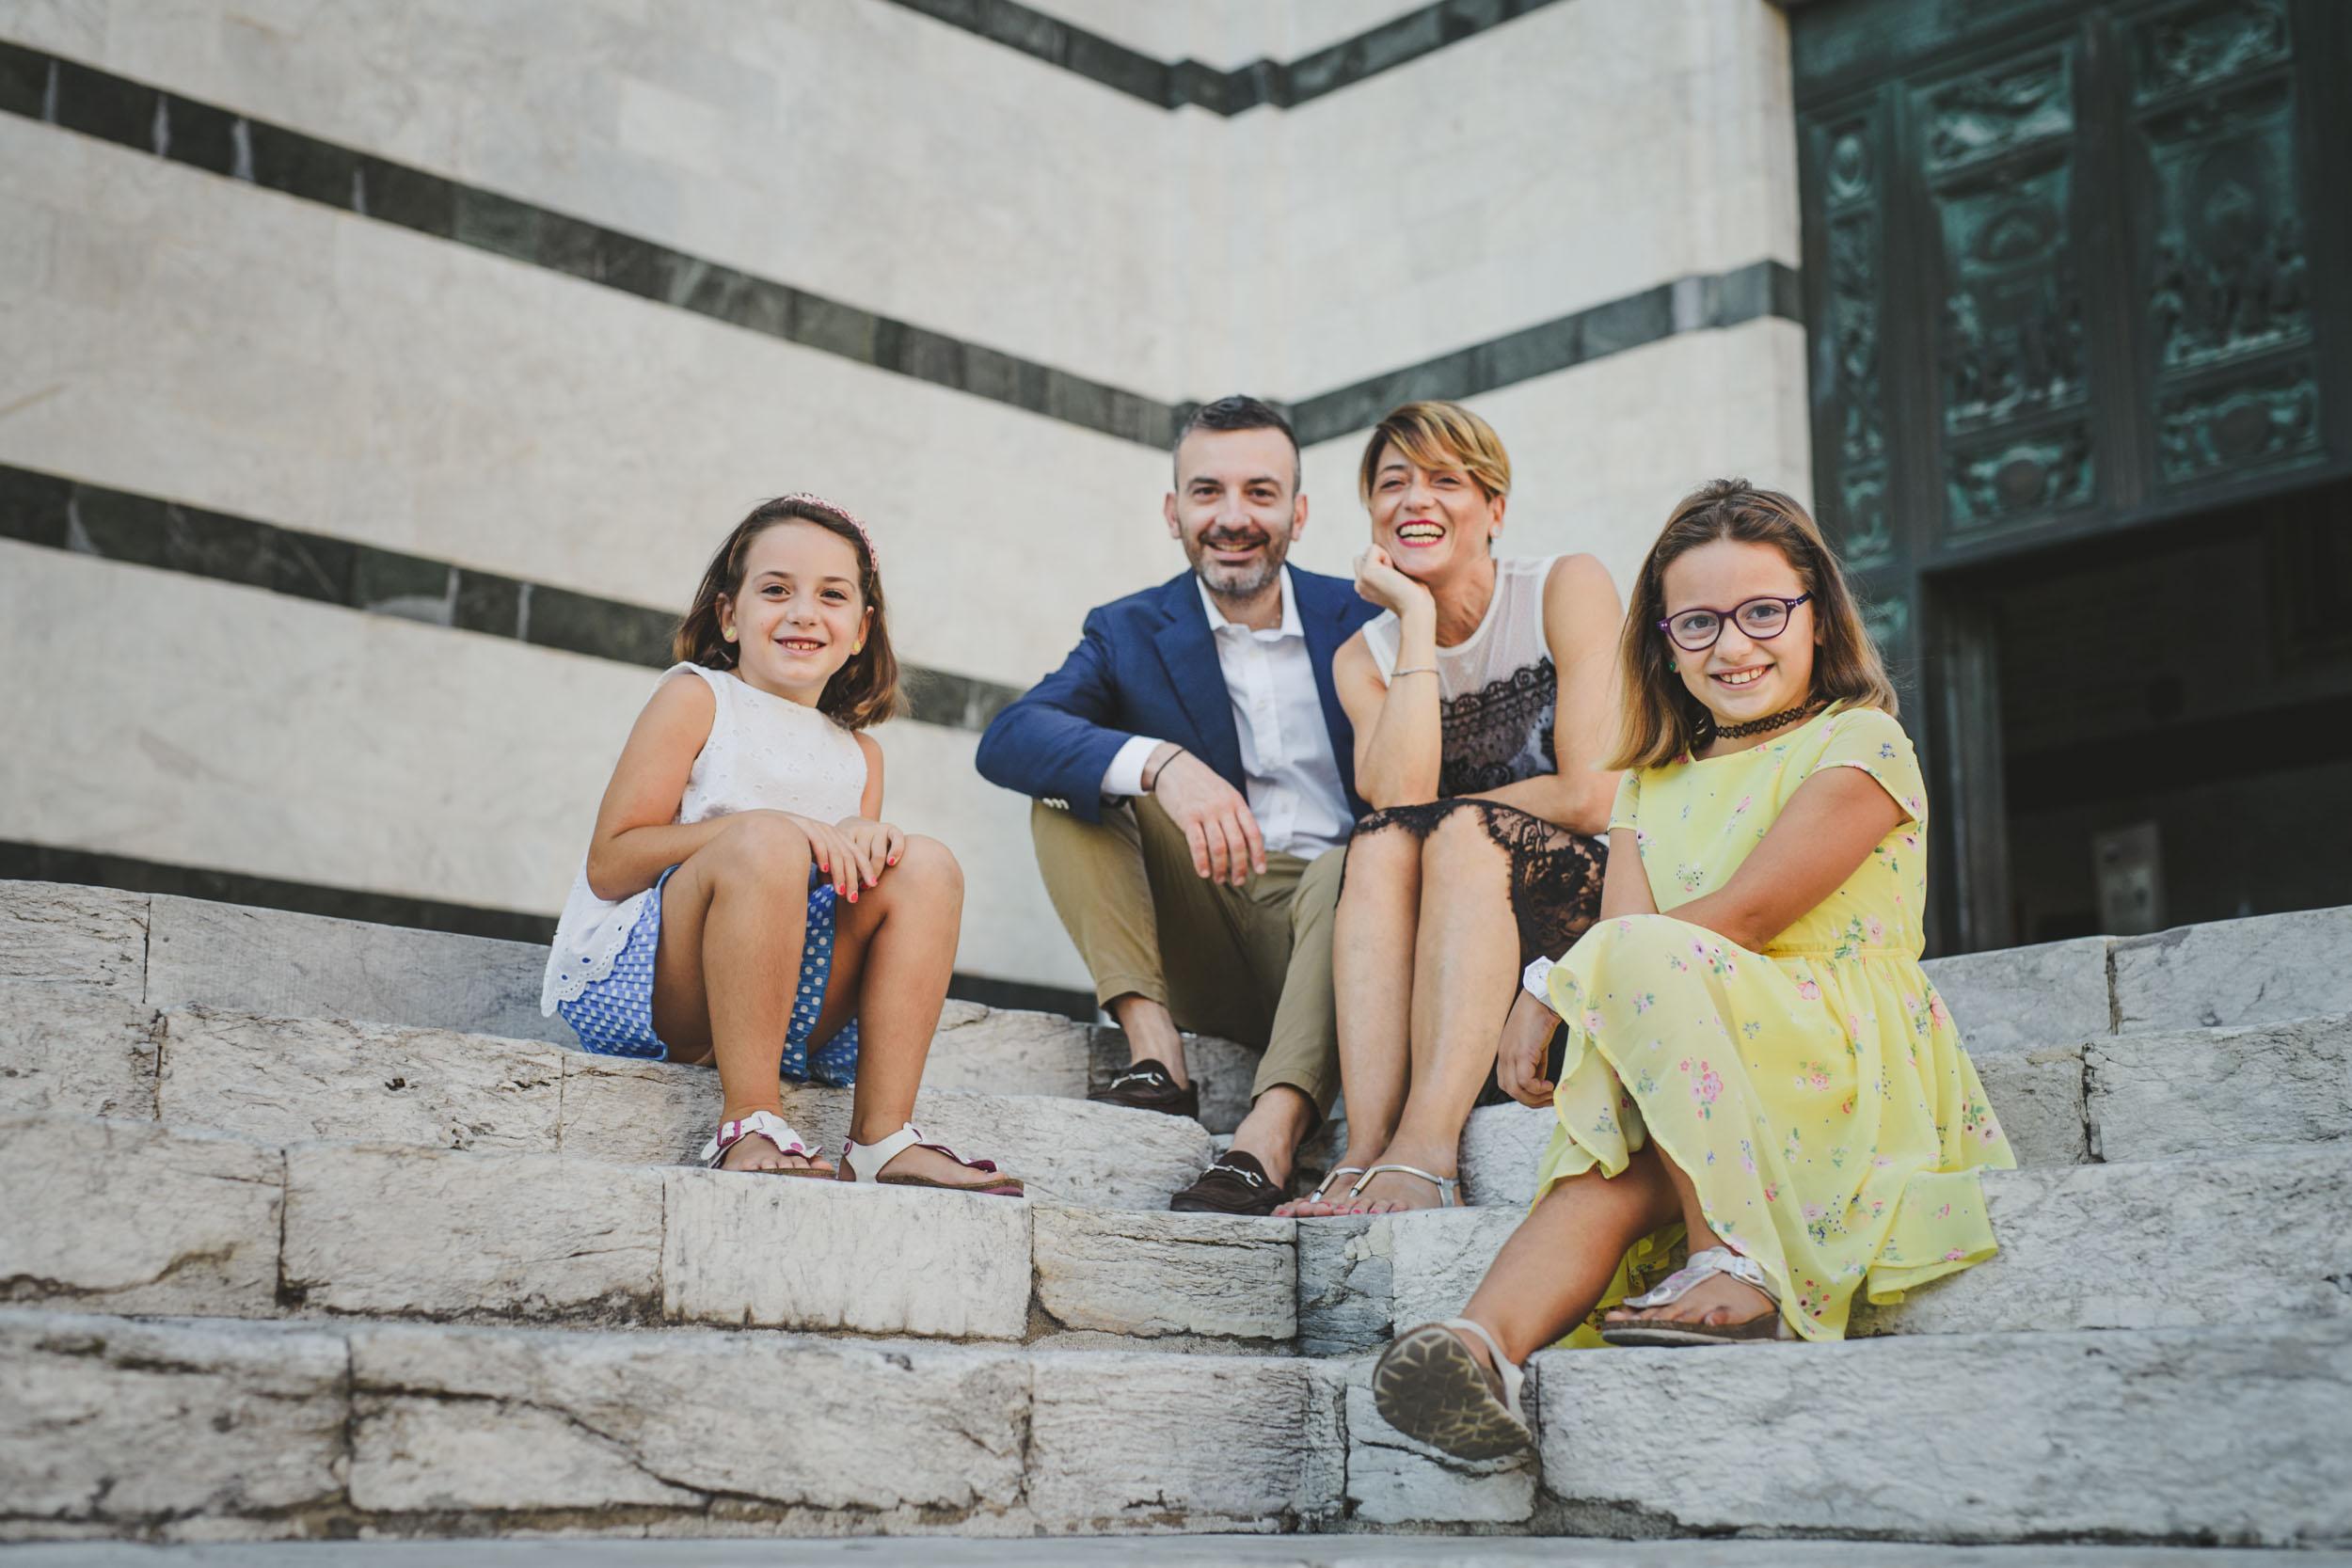 Augusto & Martina - Servizio Fotografico Anniversario di Nozze, Siena 19/09/2020